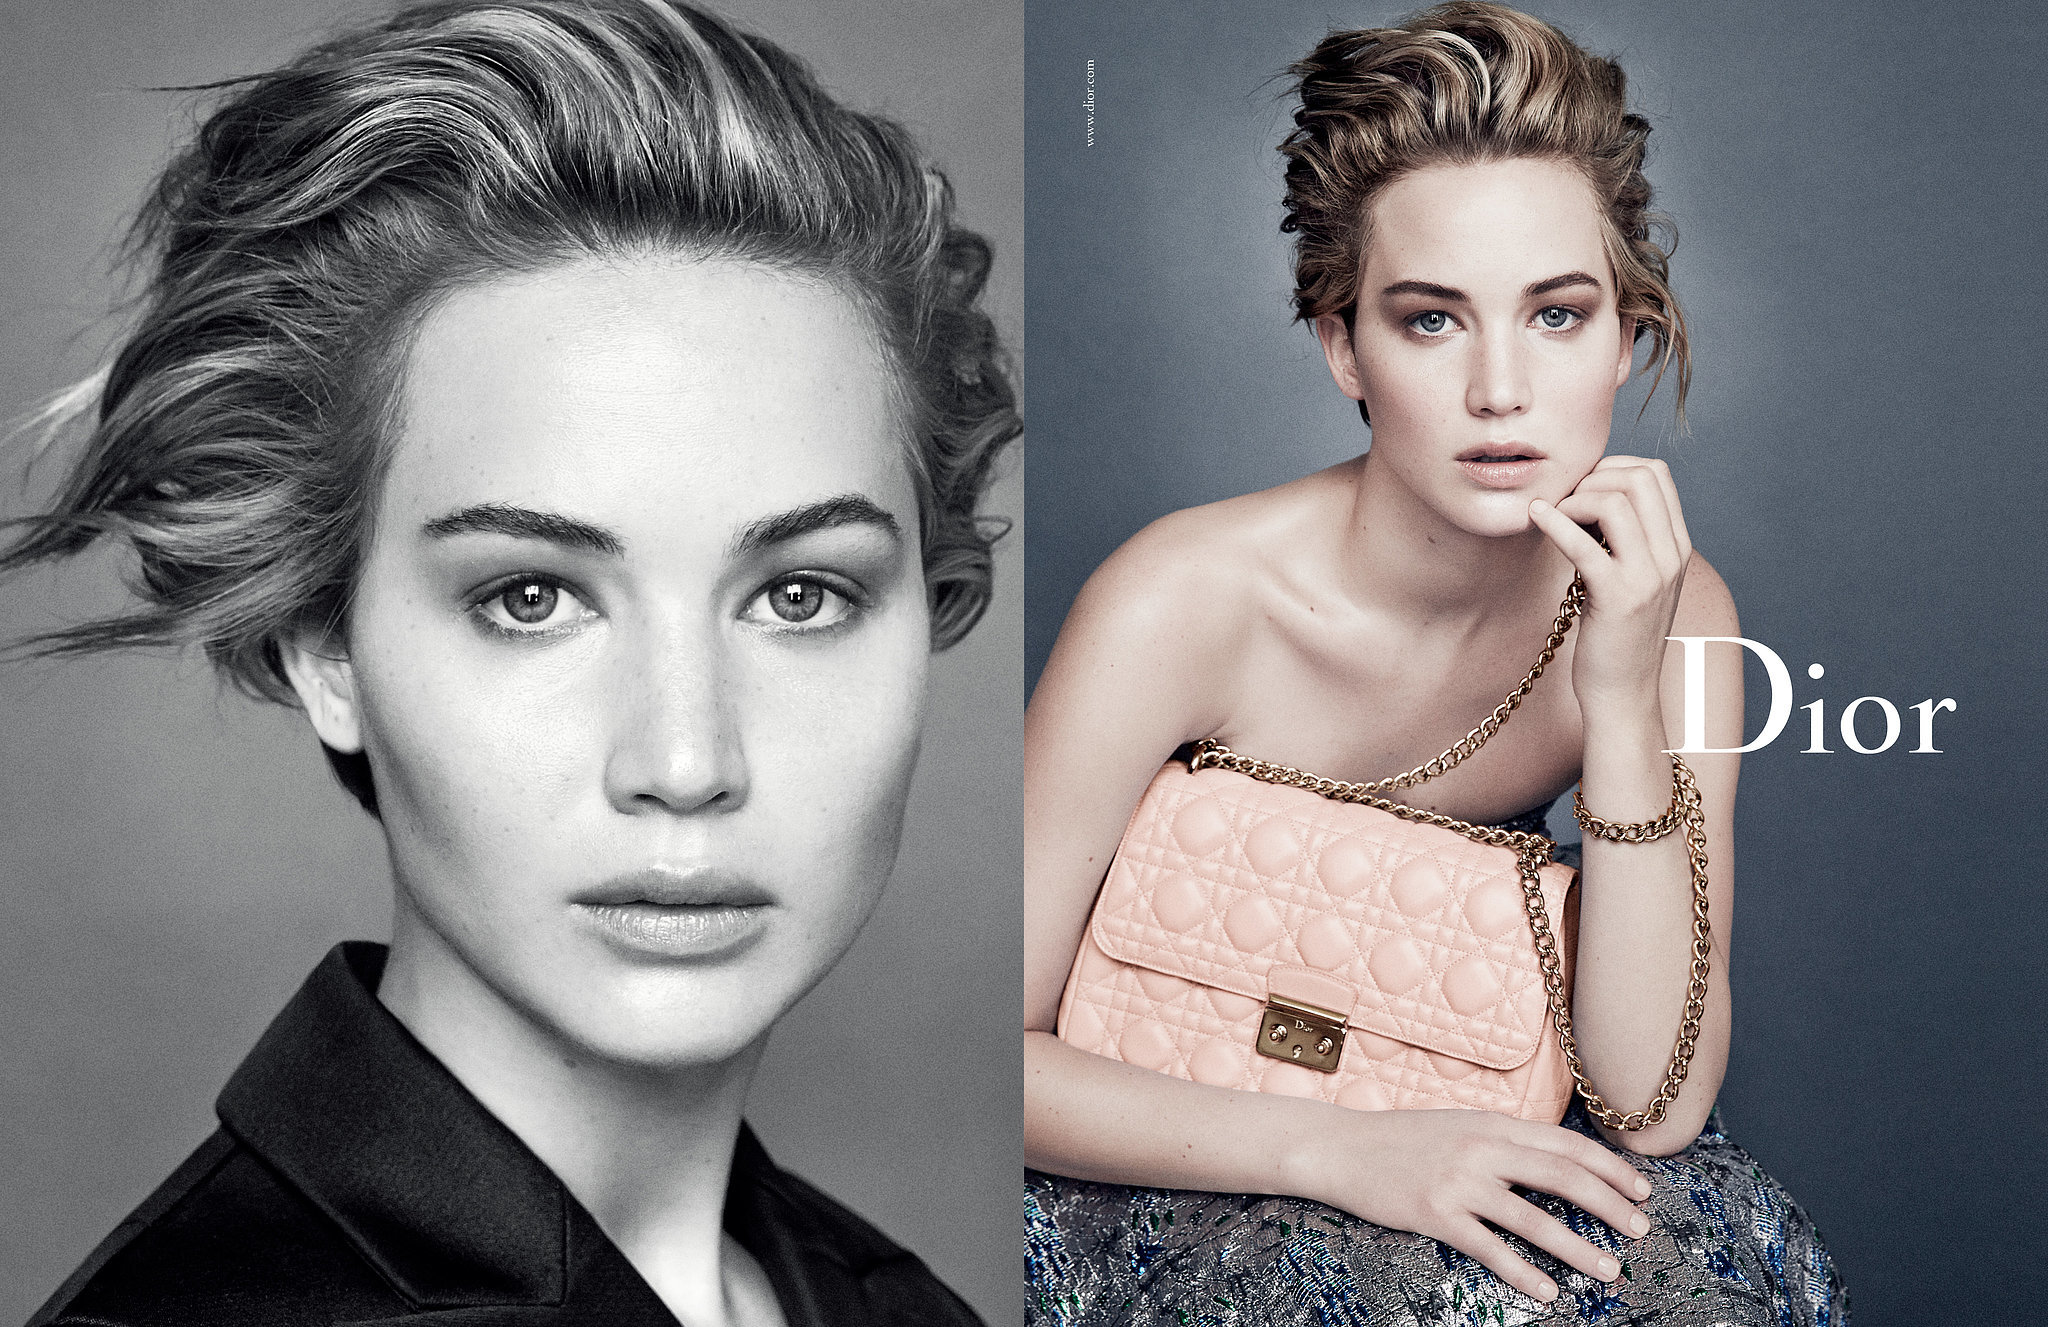 Jennifer Lawrence For Miss Dior